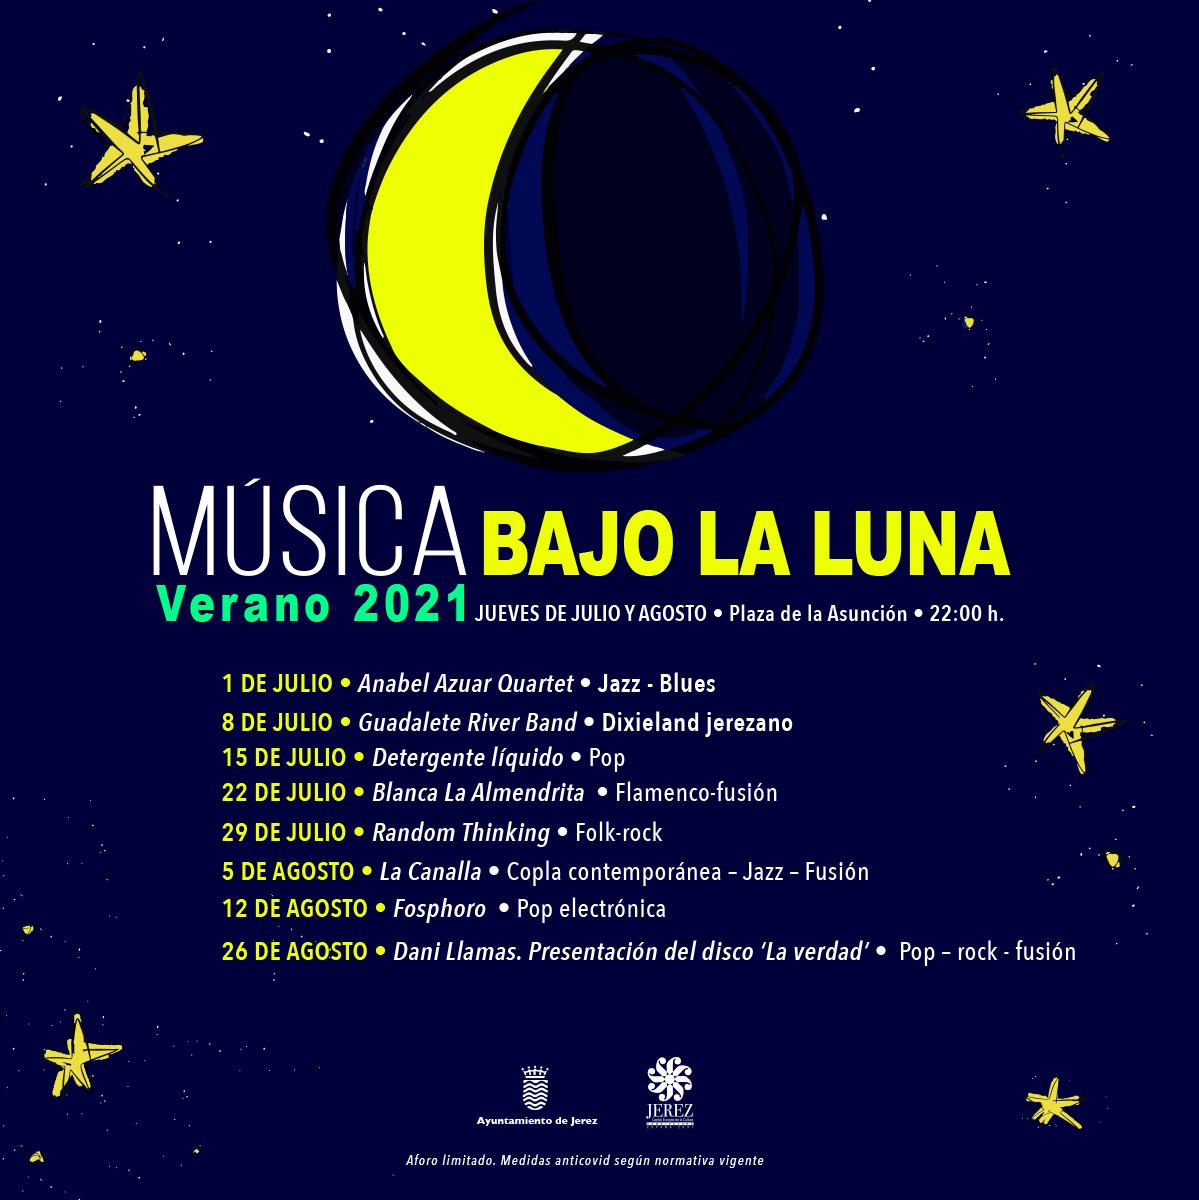 Música bajo La Luna - Verano 2021 en Jerez